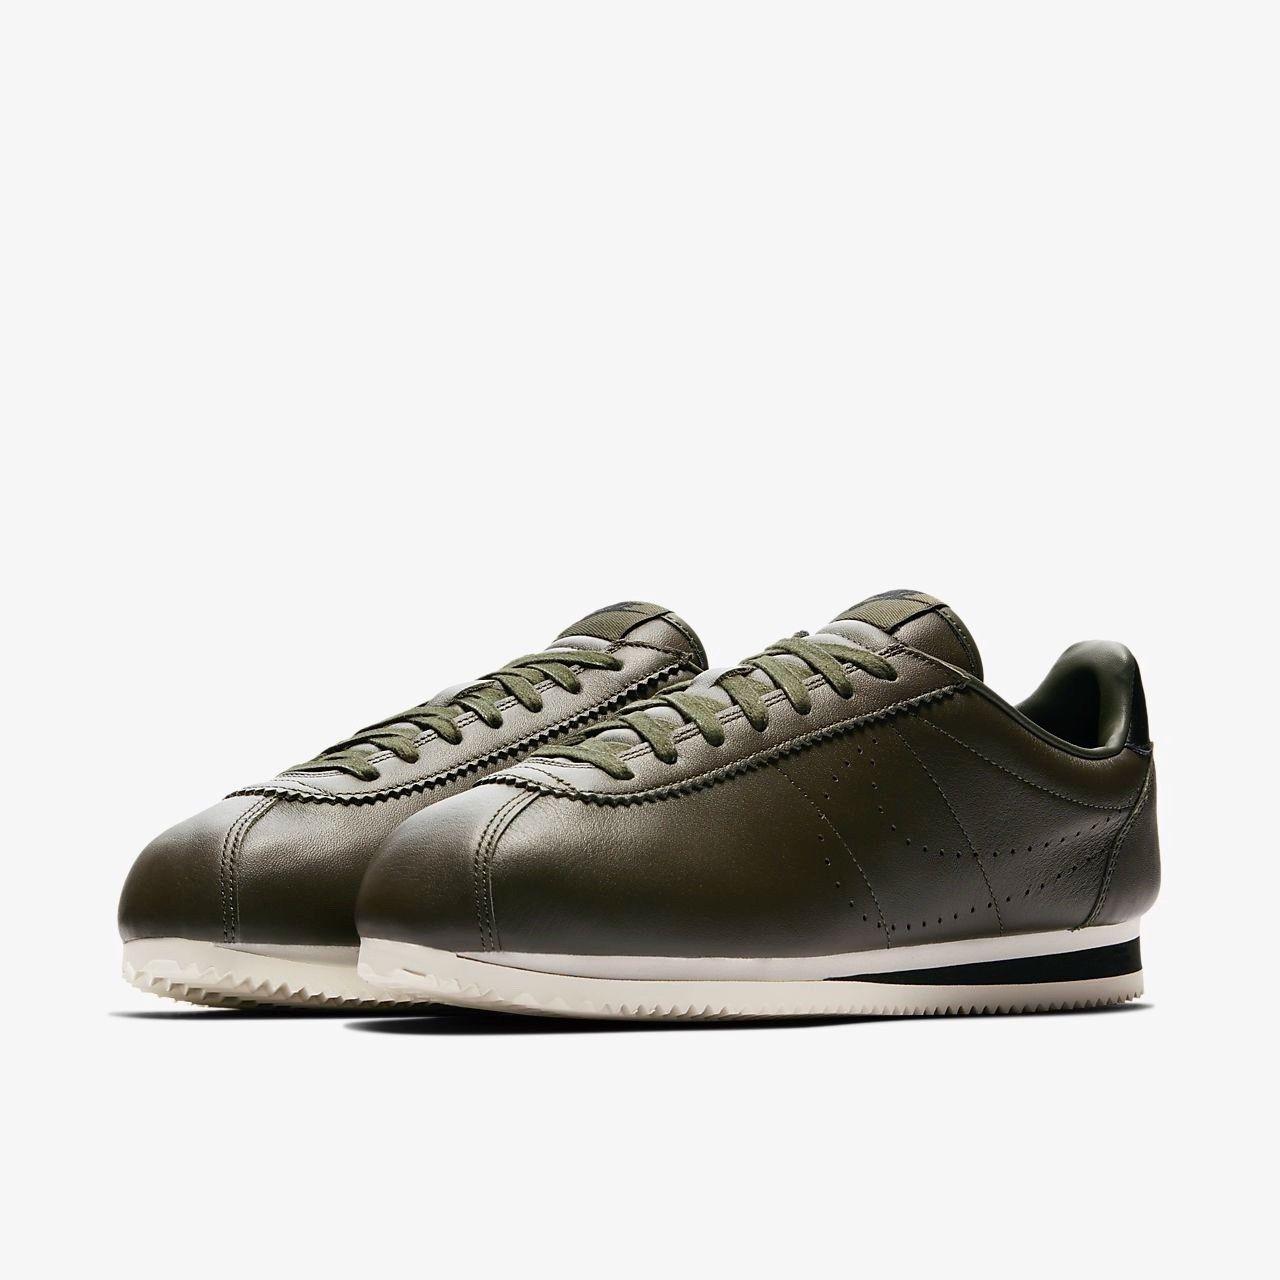 HERREN Nike Classic Cortez Leder Premium UK 11eu46 Cm30 Grün (861677-300)